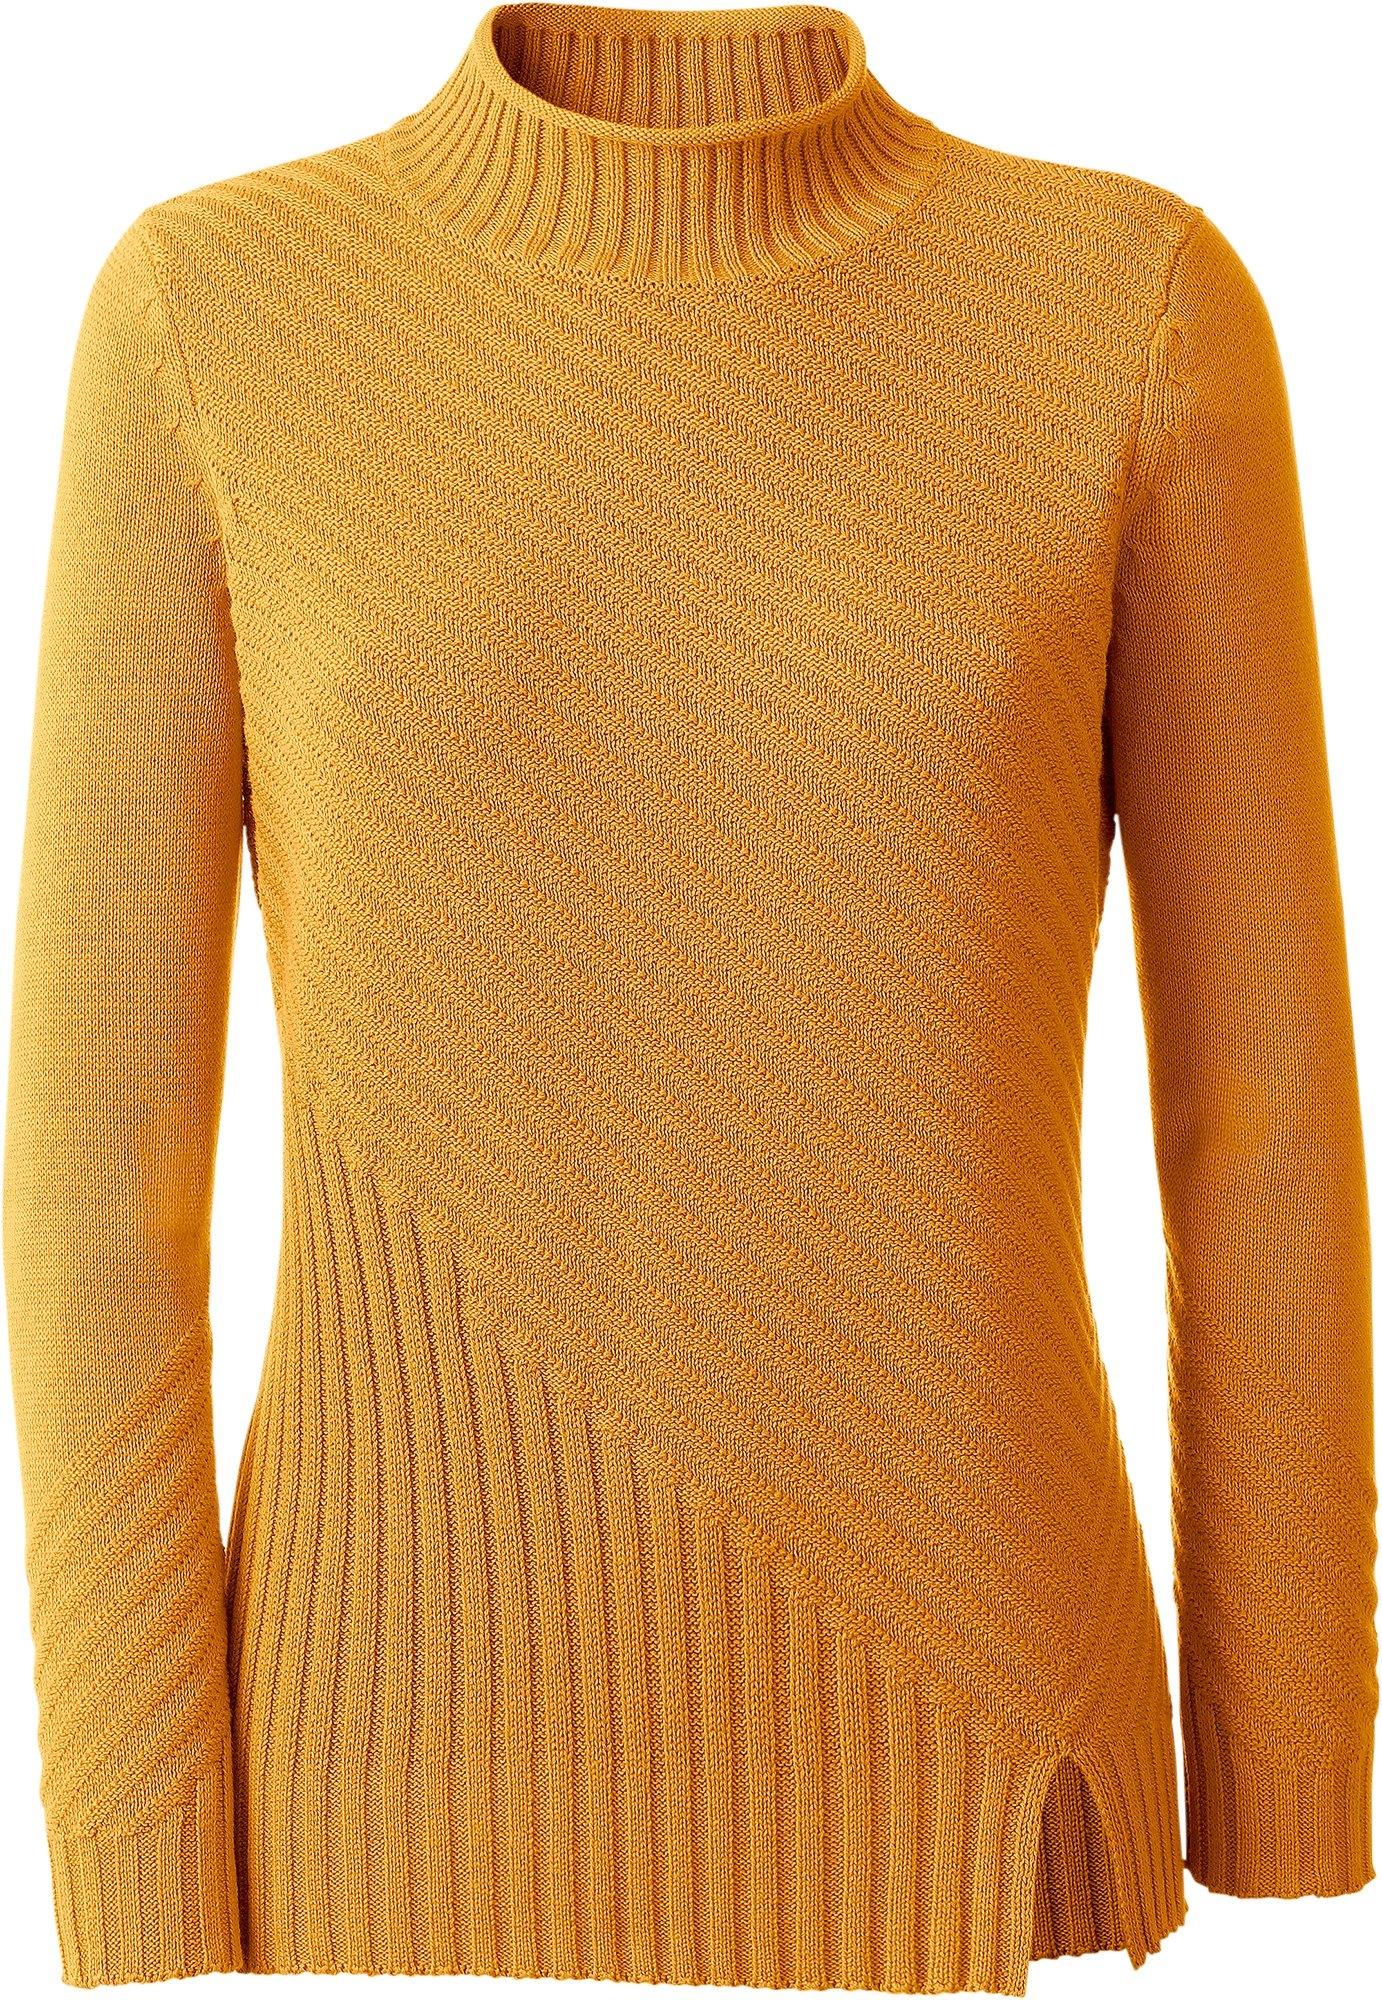 Casual Looks trui met staande kraag - verschillende betaalmethodes